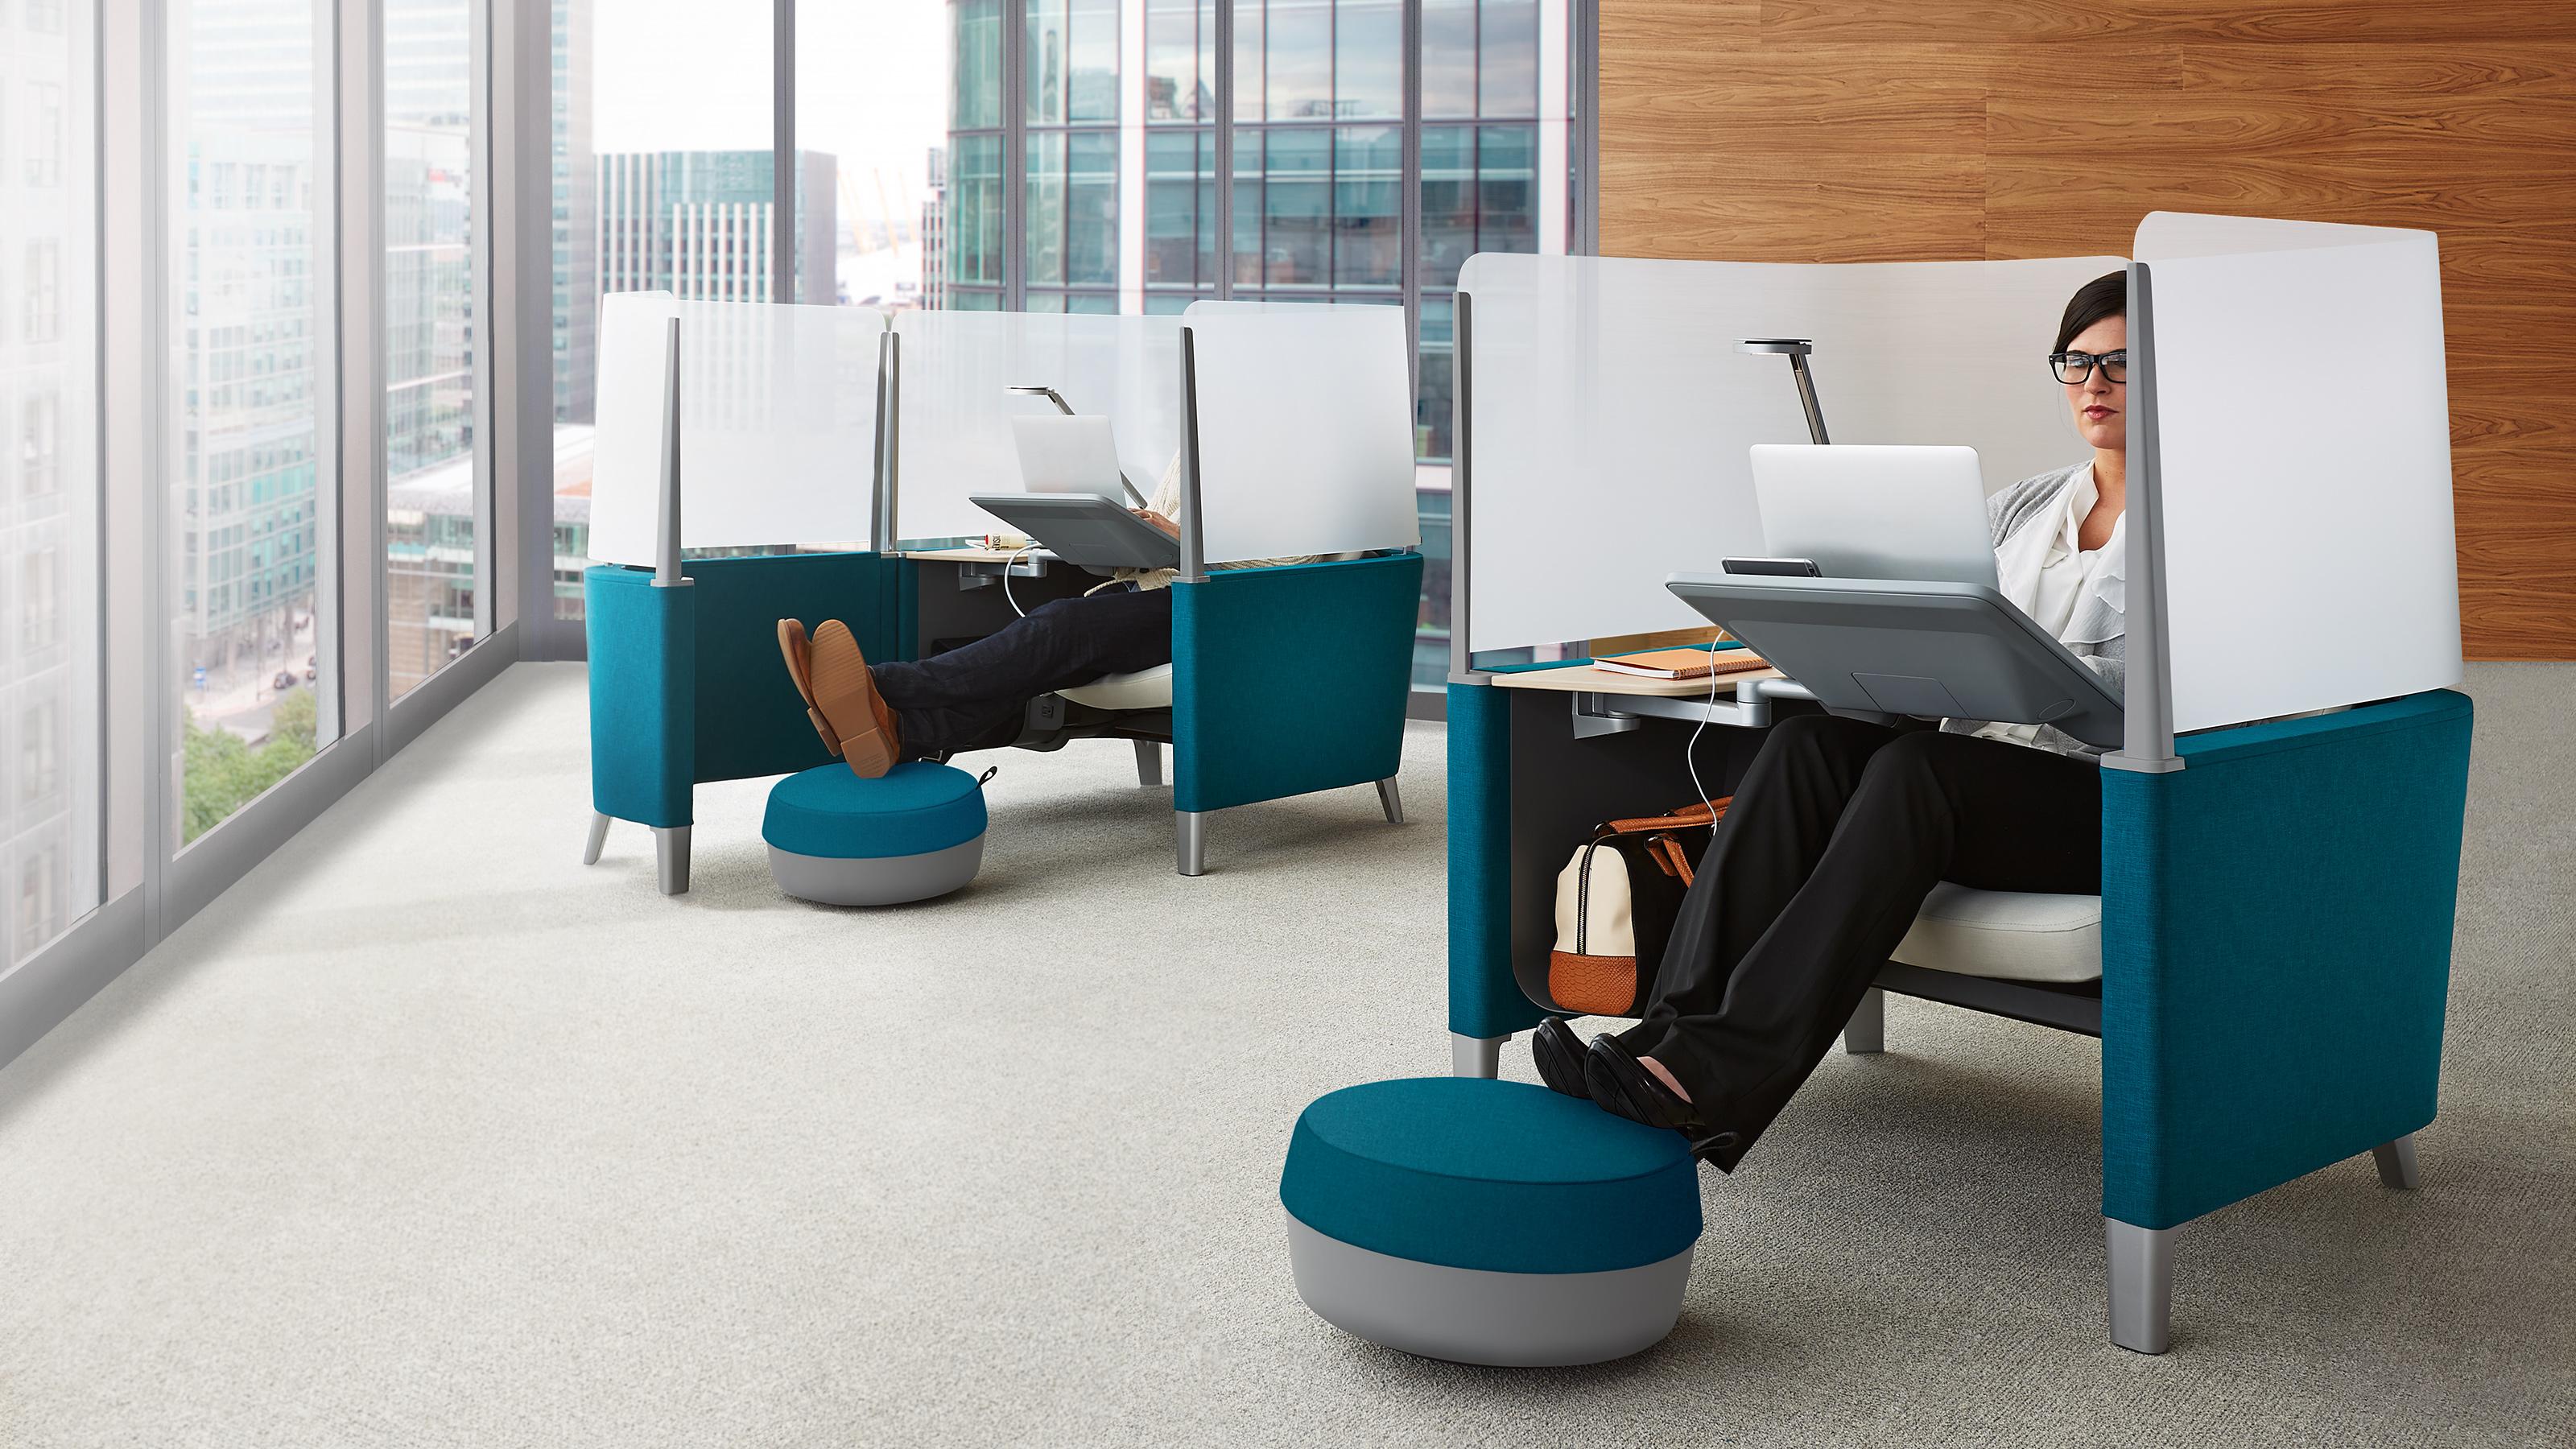 12 espaces de travail géniaux ou lespace de travail demain mushroom